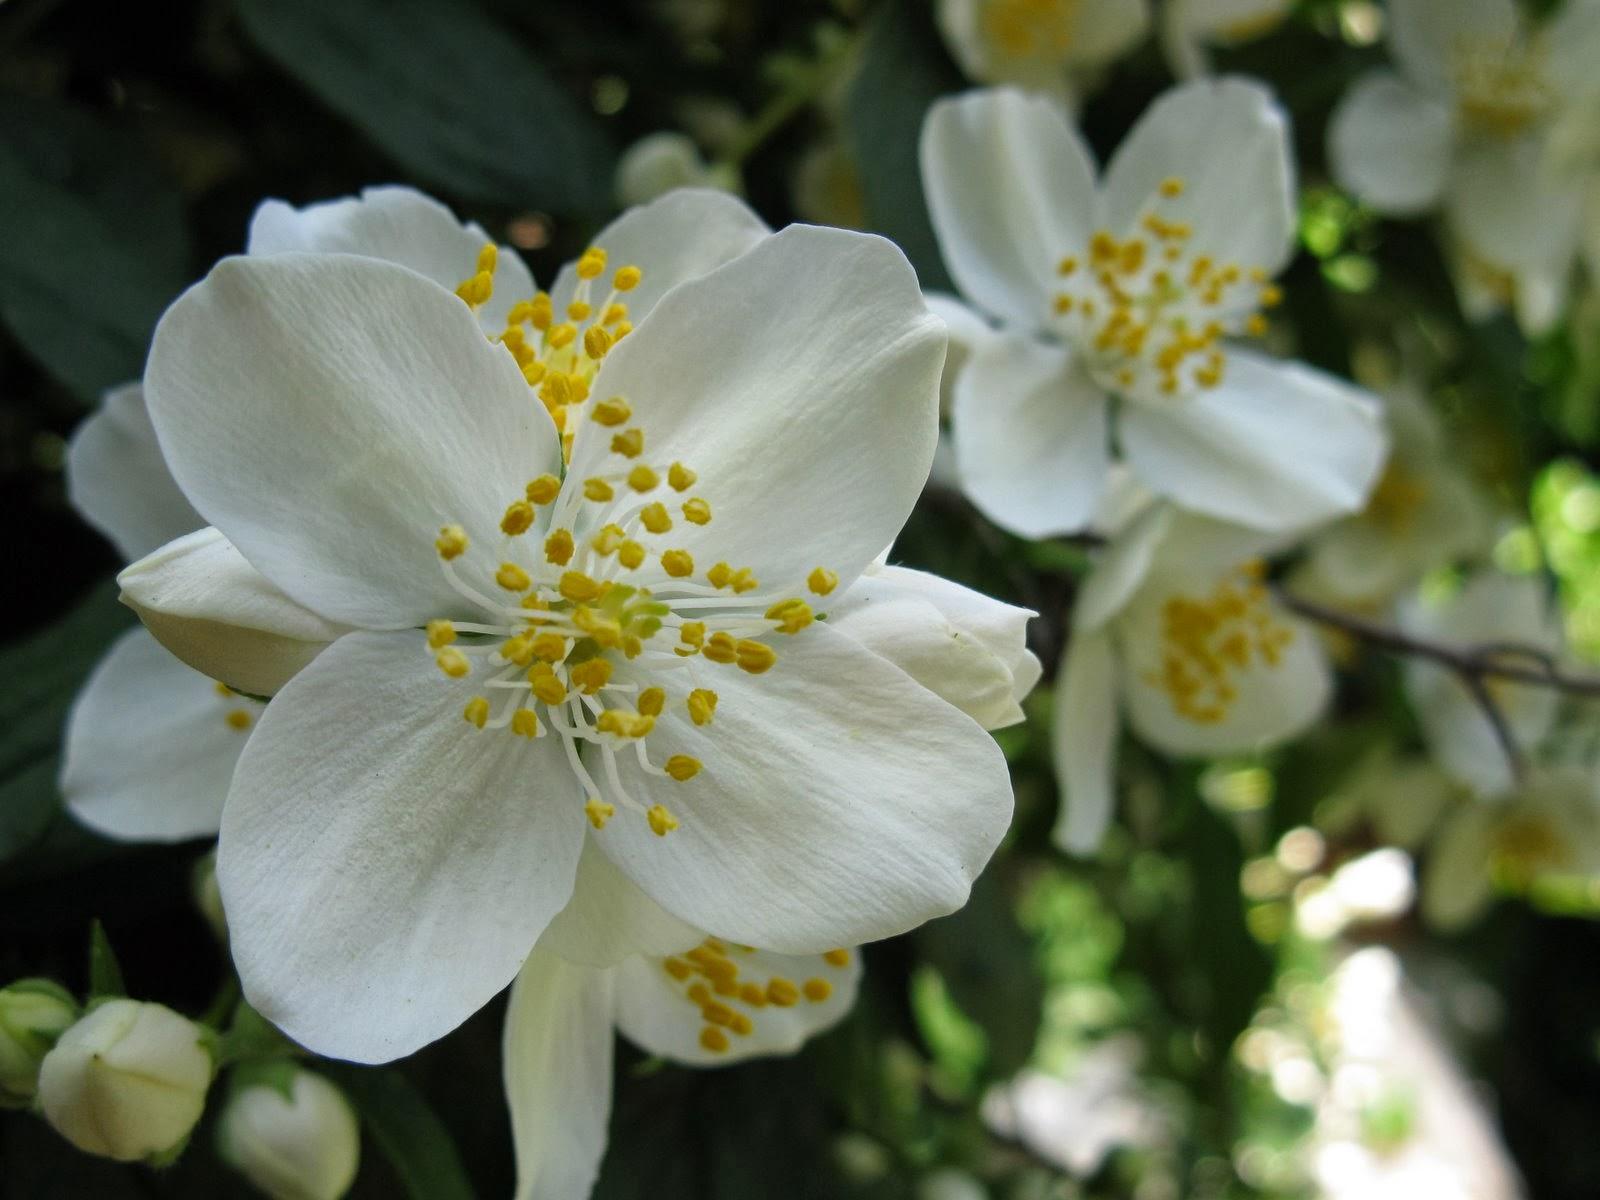 gambar bunga melati putih